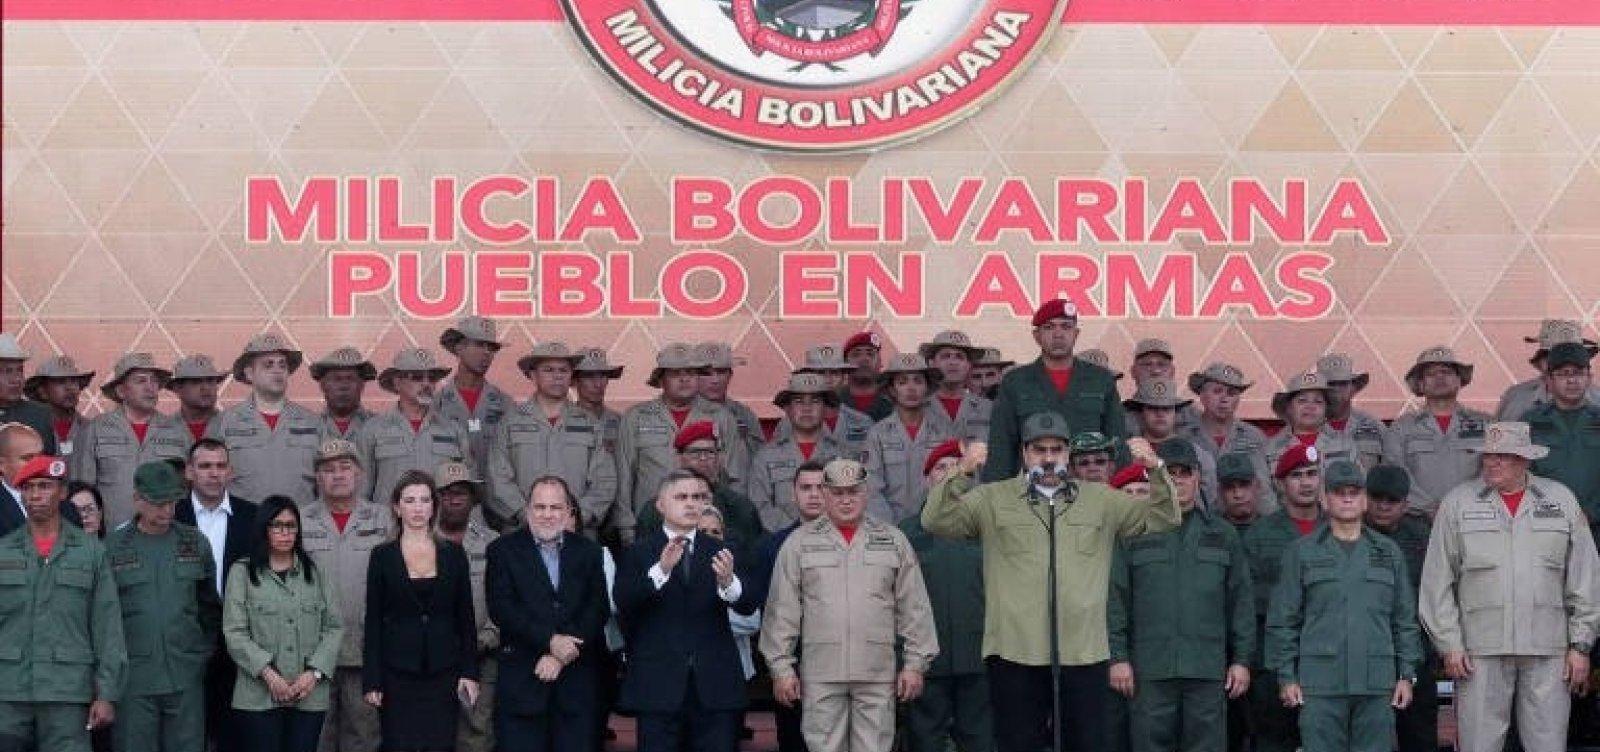 [Venezuela torturou militares acusados de conspiração, segundo relatório]